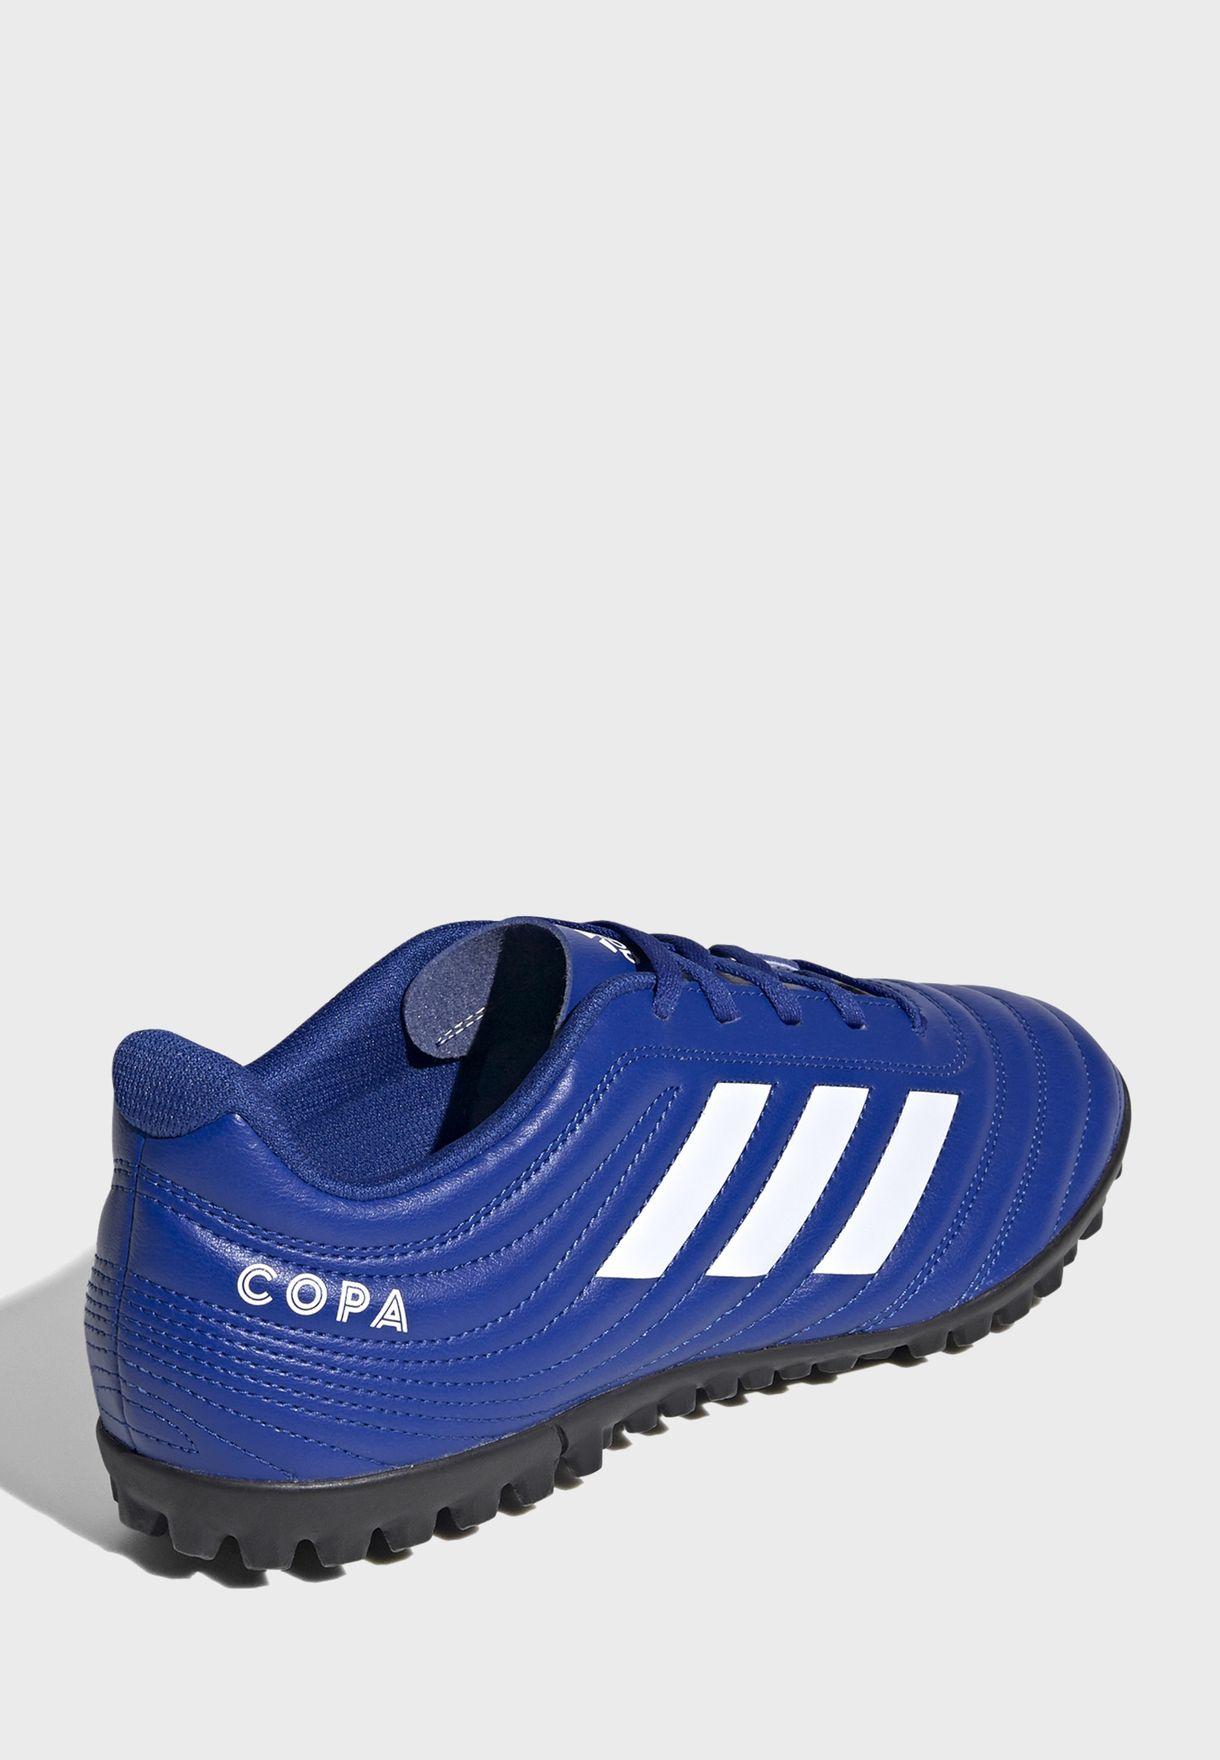 حذاء كوبا 20.4 لكرة القدم